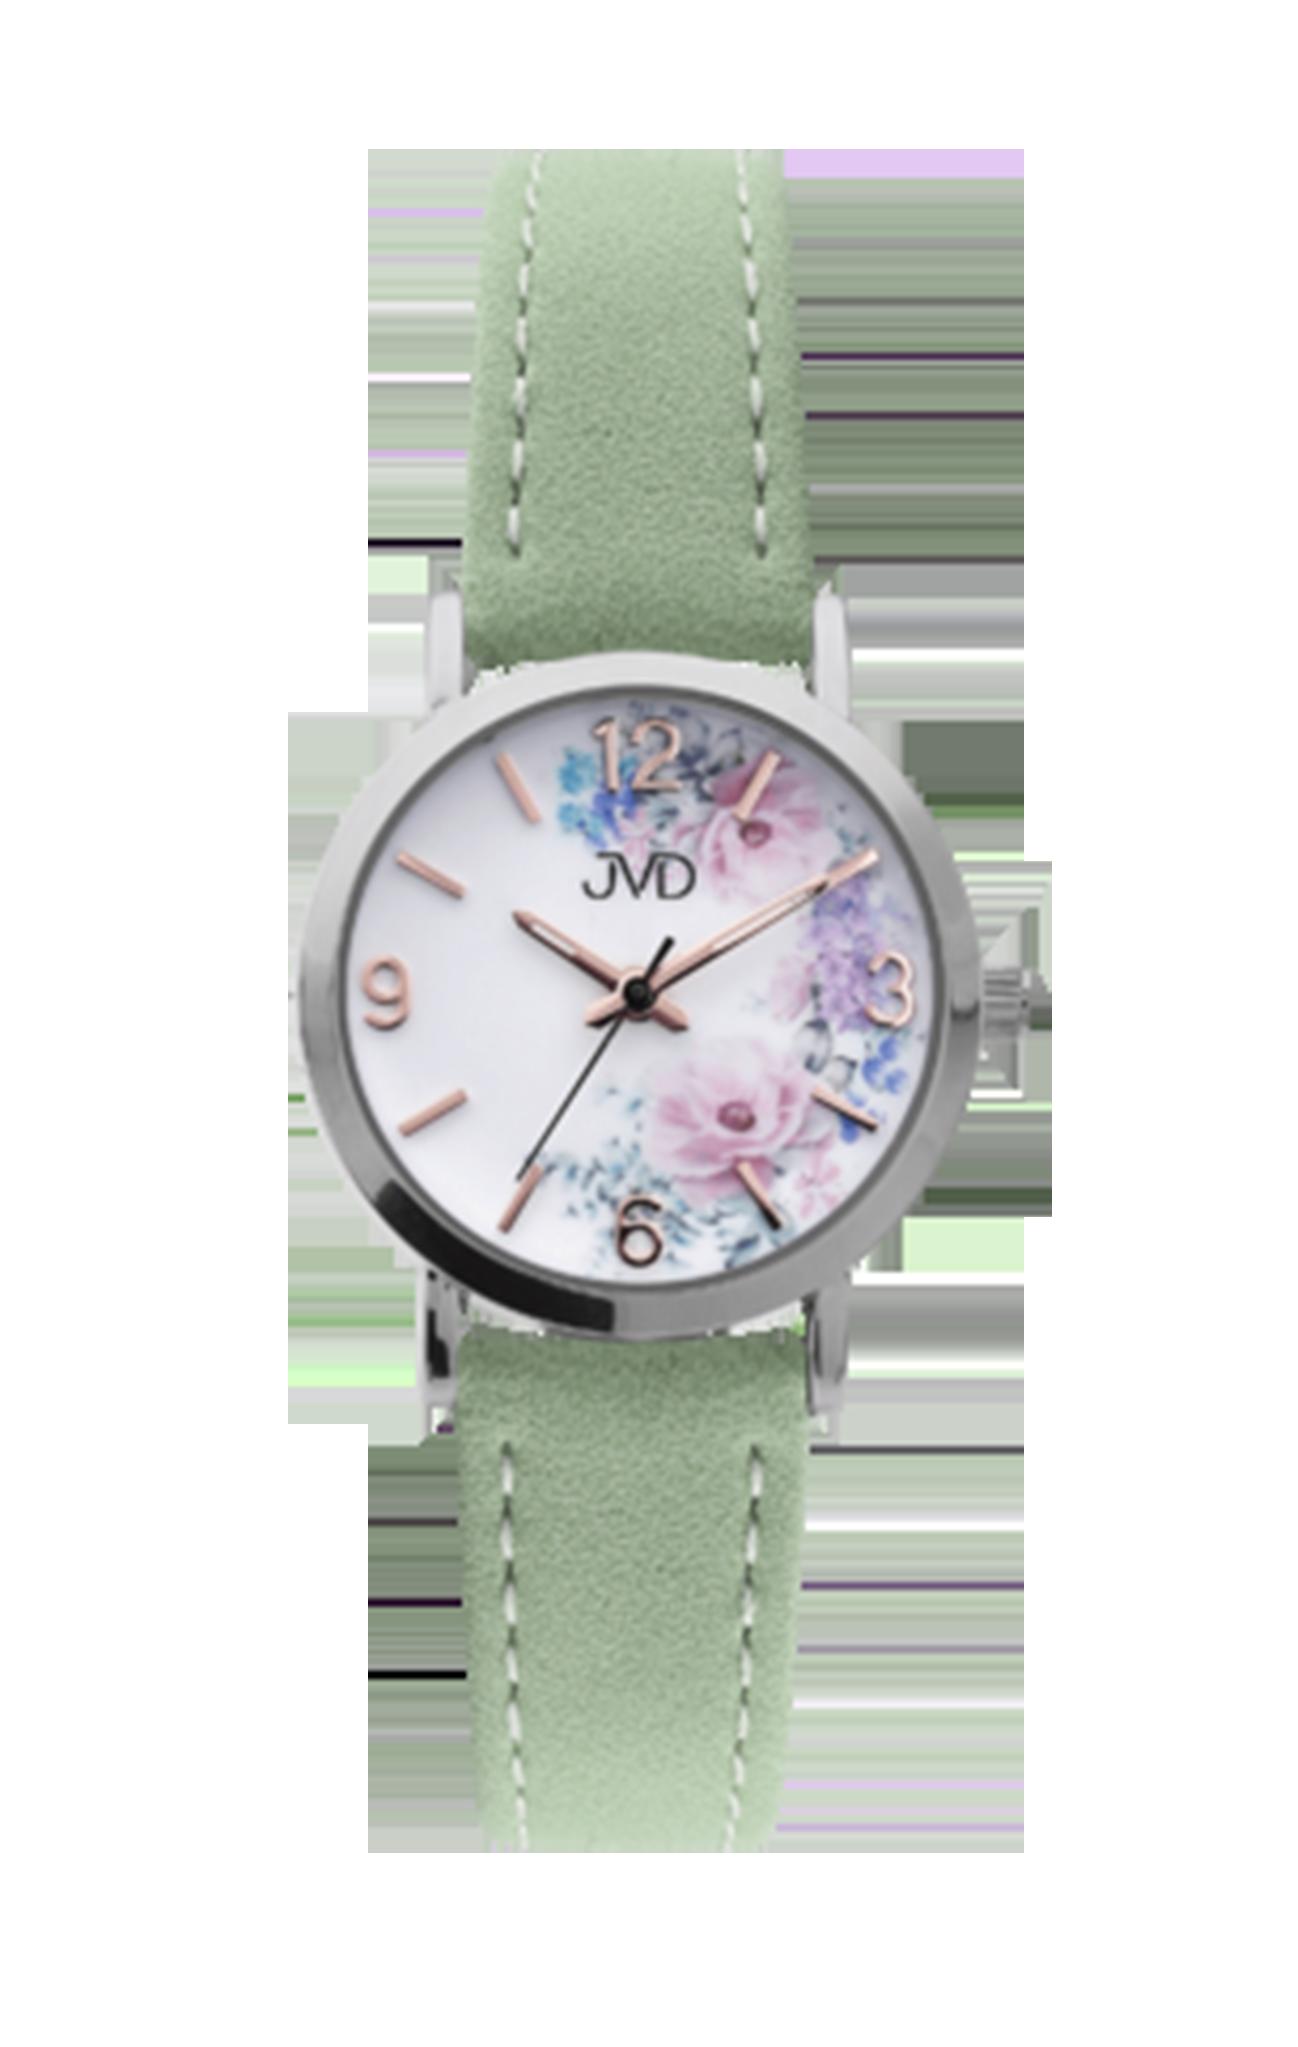 2e6445918 Dětské dívčí přehledné náramkové hodinky JVD J7184.9 - Glami.cz